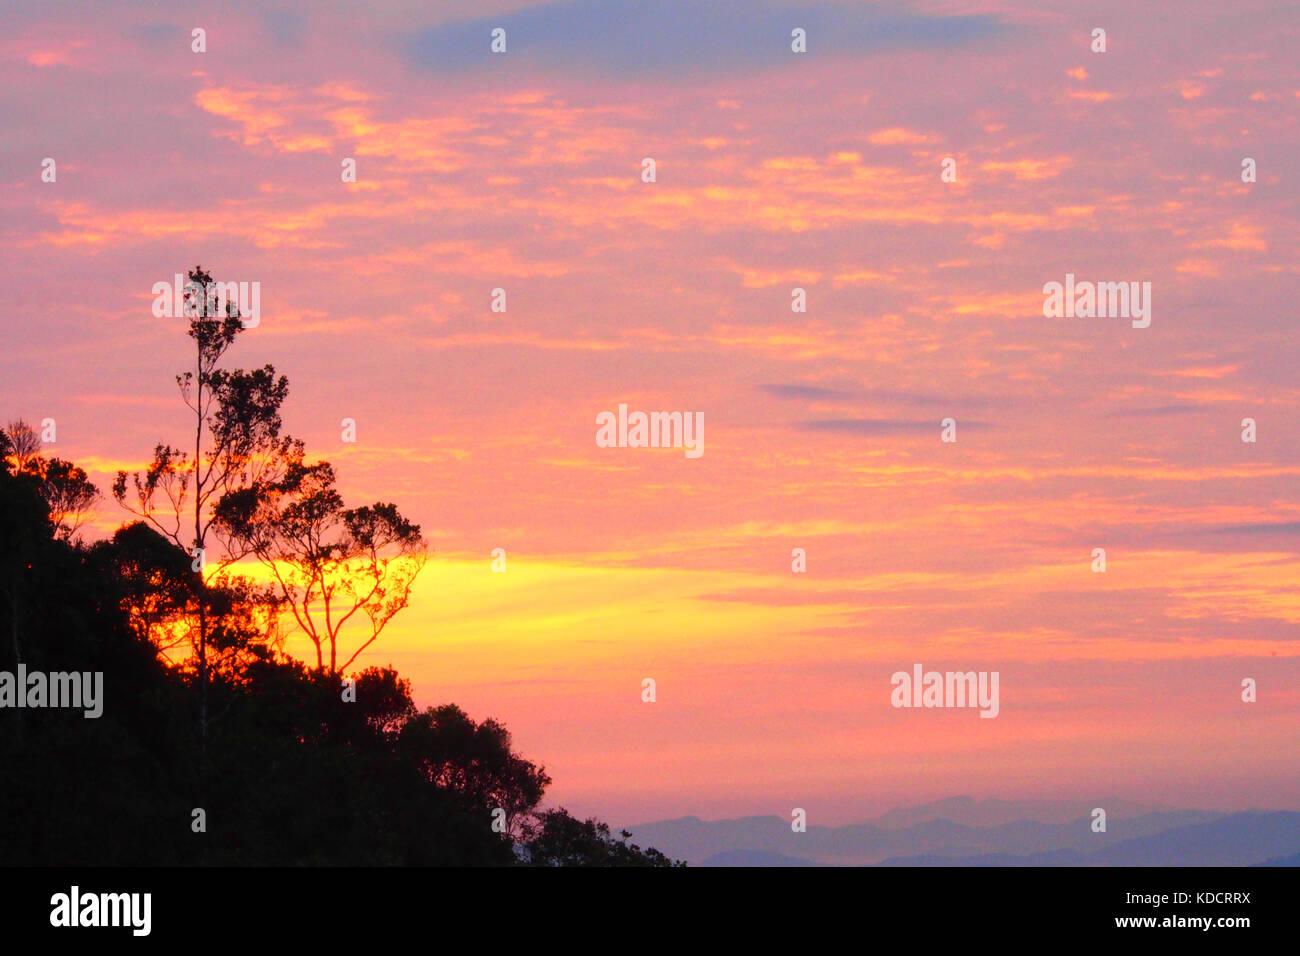 sunrise view at chemerong berembun langsir campsite, CBL, malaysia - Stock Image